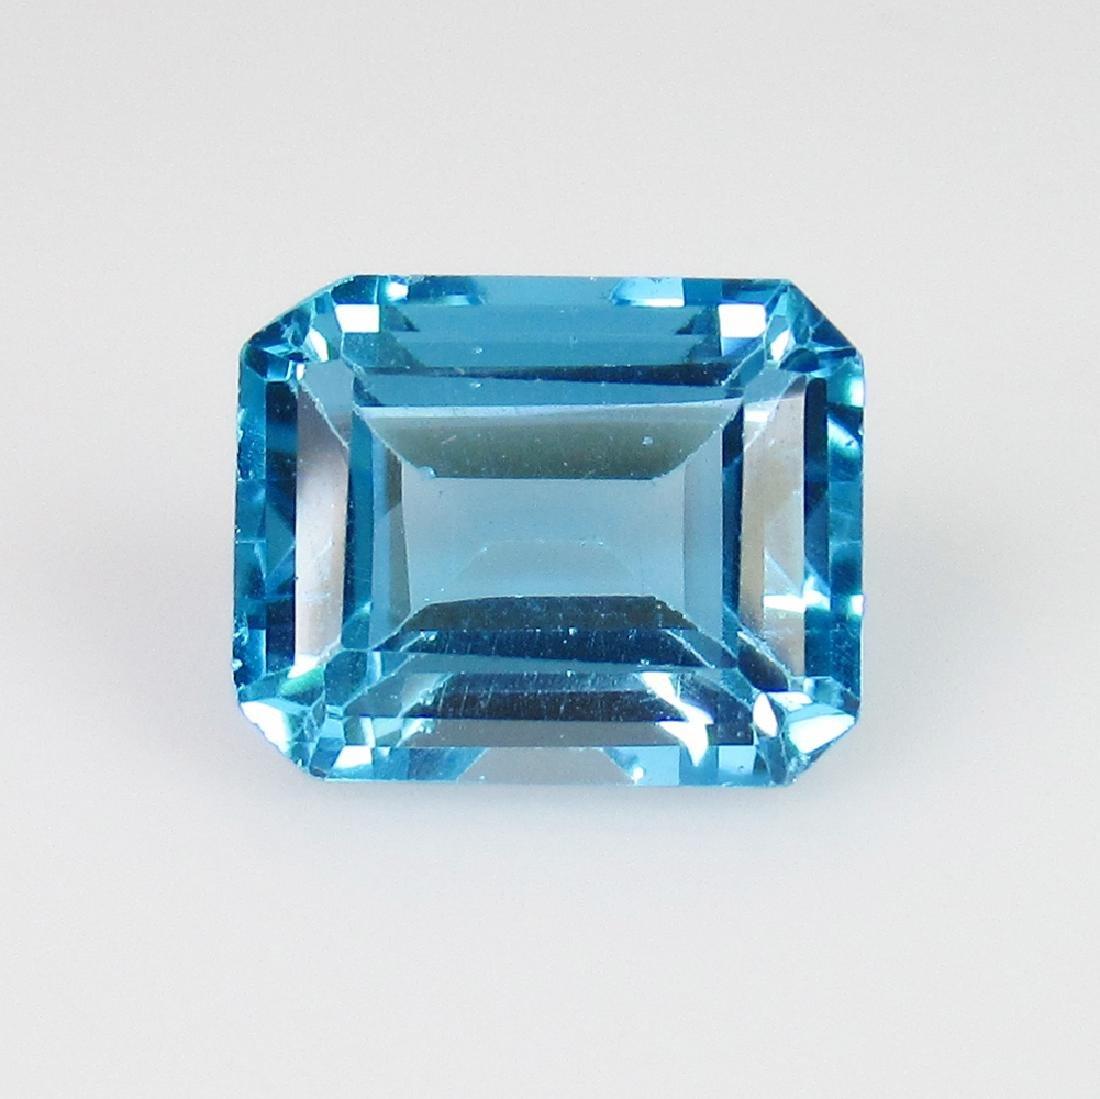 2.82 Ct Genuine Blue Topaz 8.8X7 mm Emerald Cut